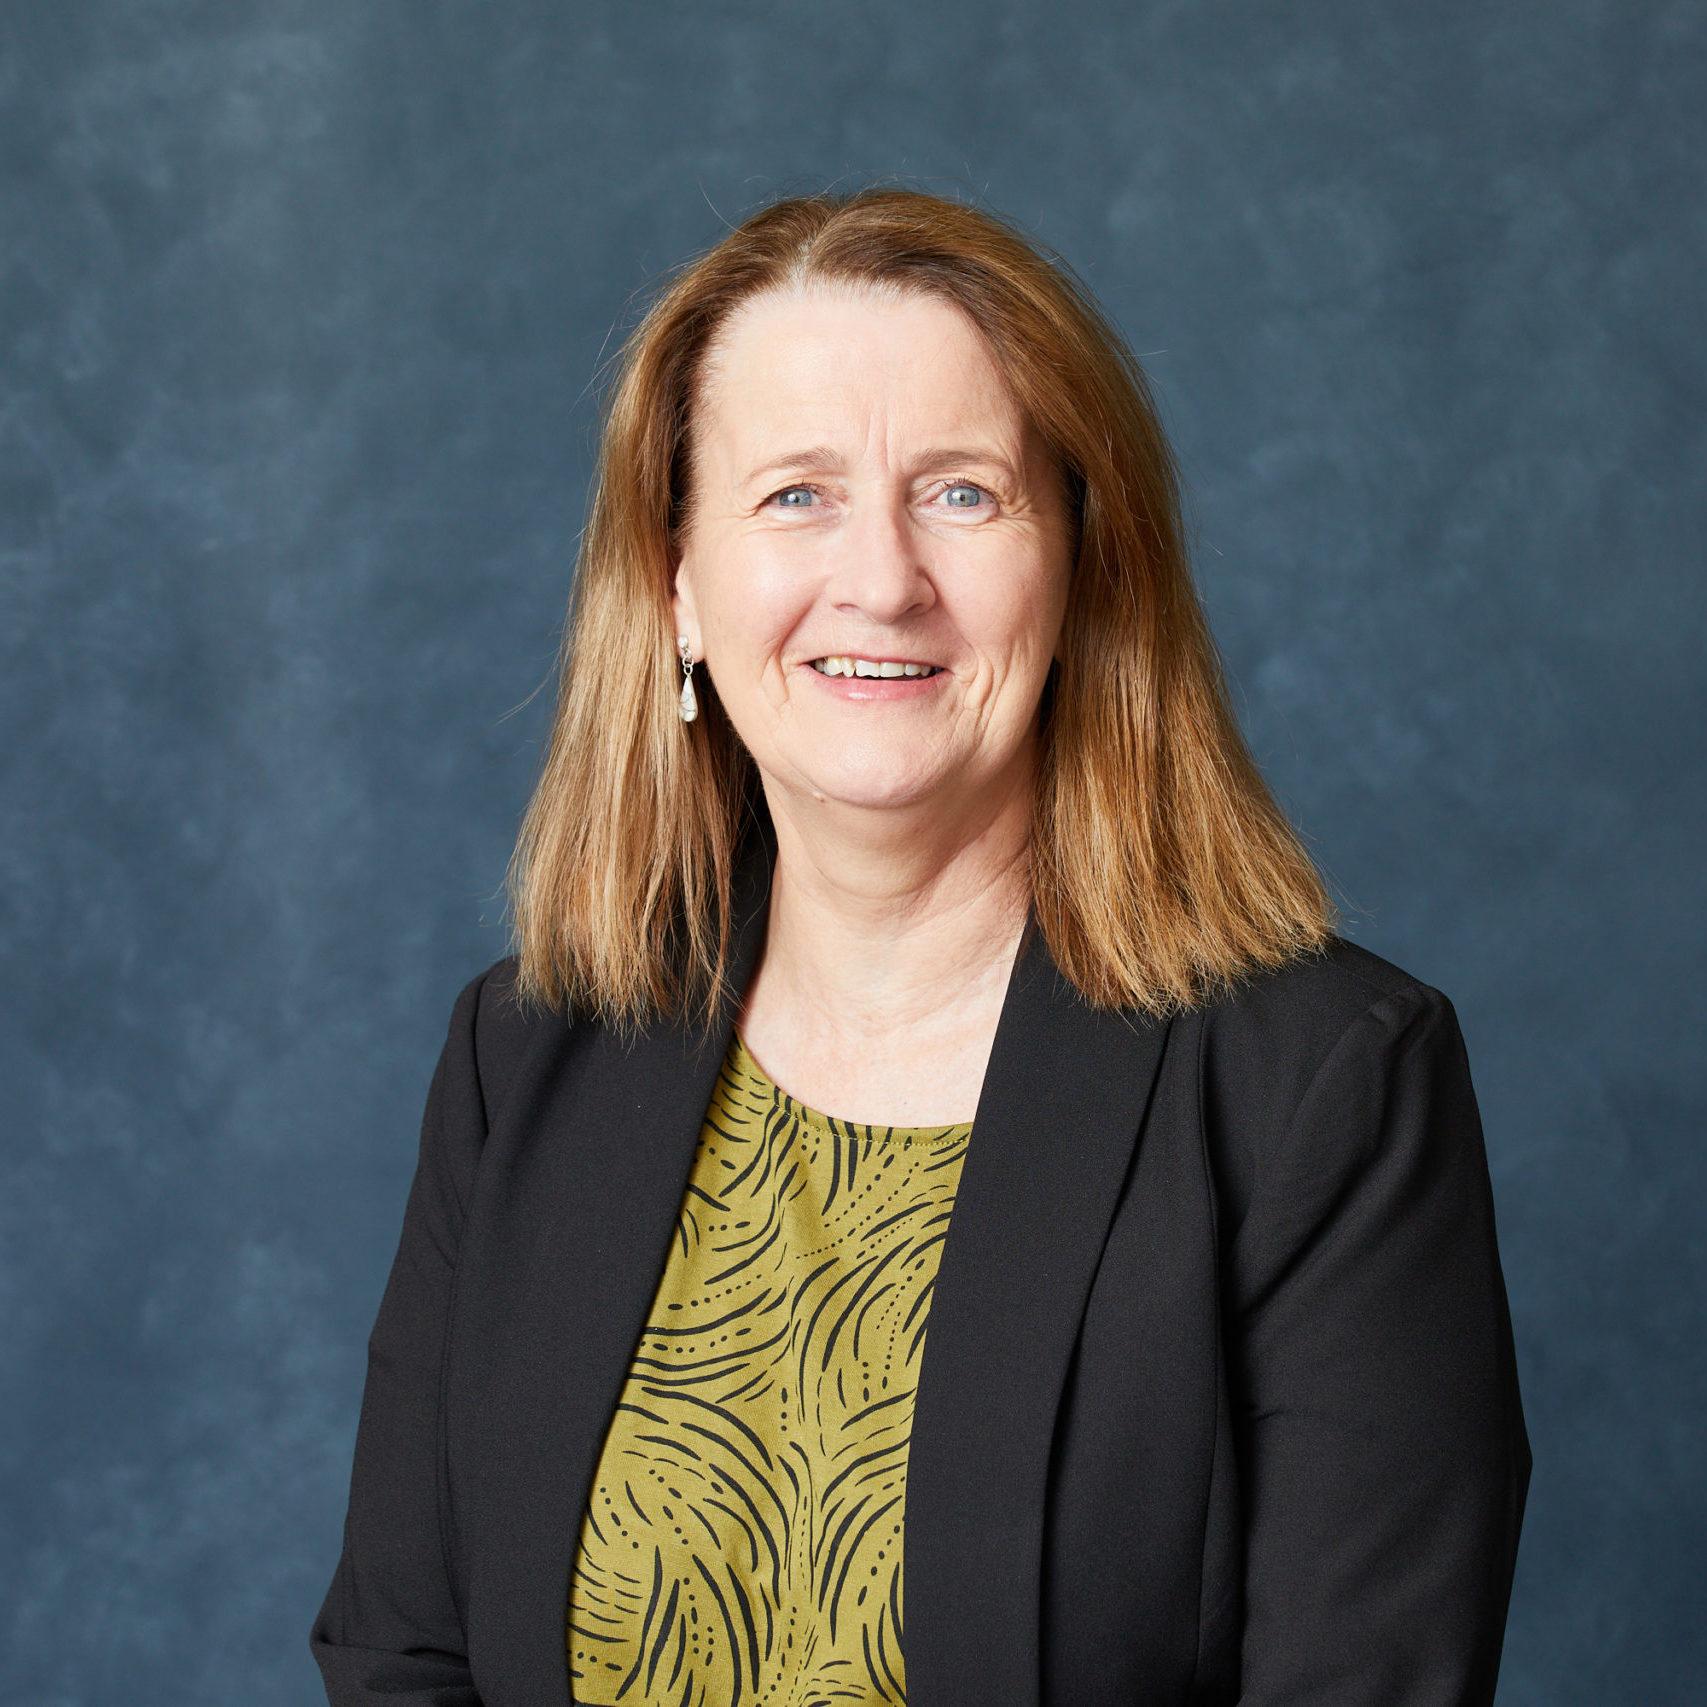 Linda McAteer